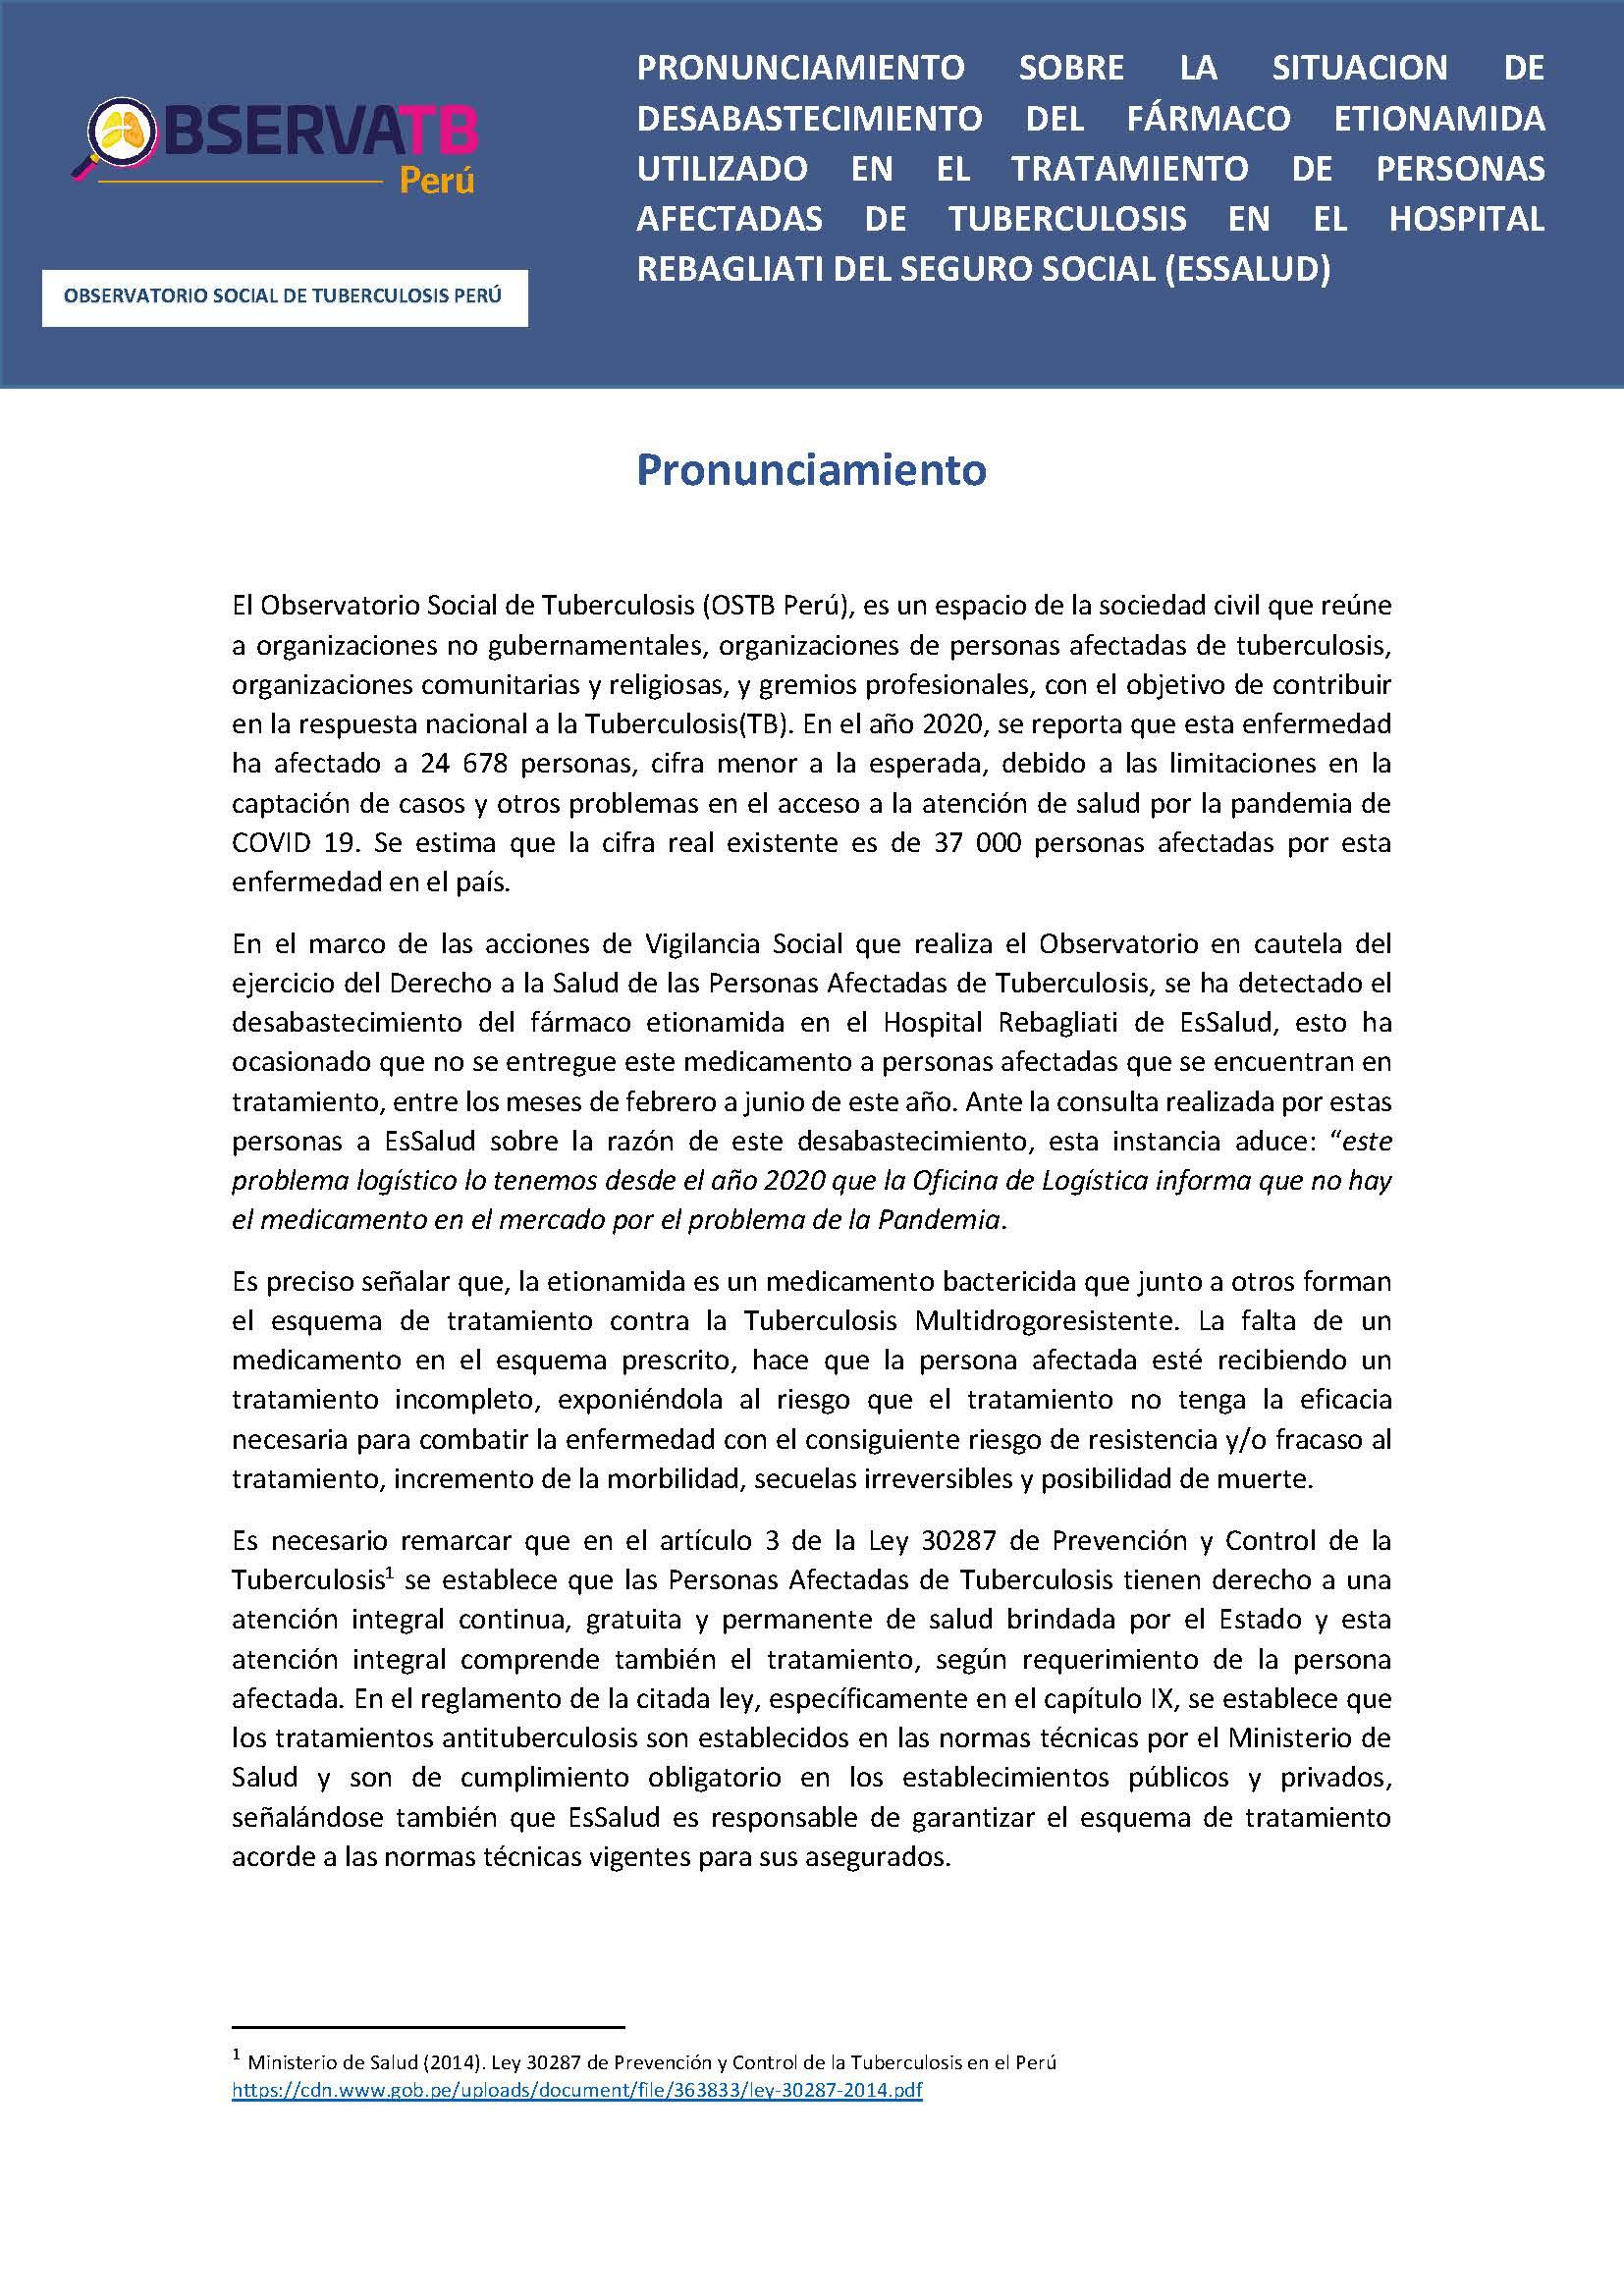 Pronunciamiento N° 02 OSTB Perú 23.06.21_Page_1